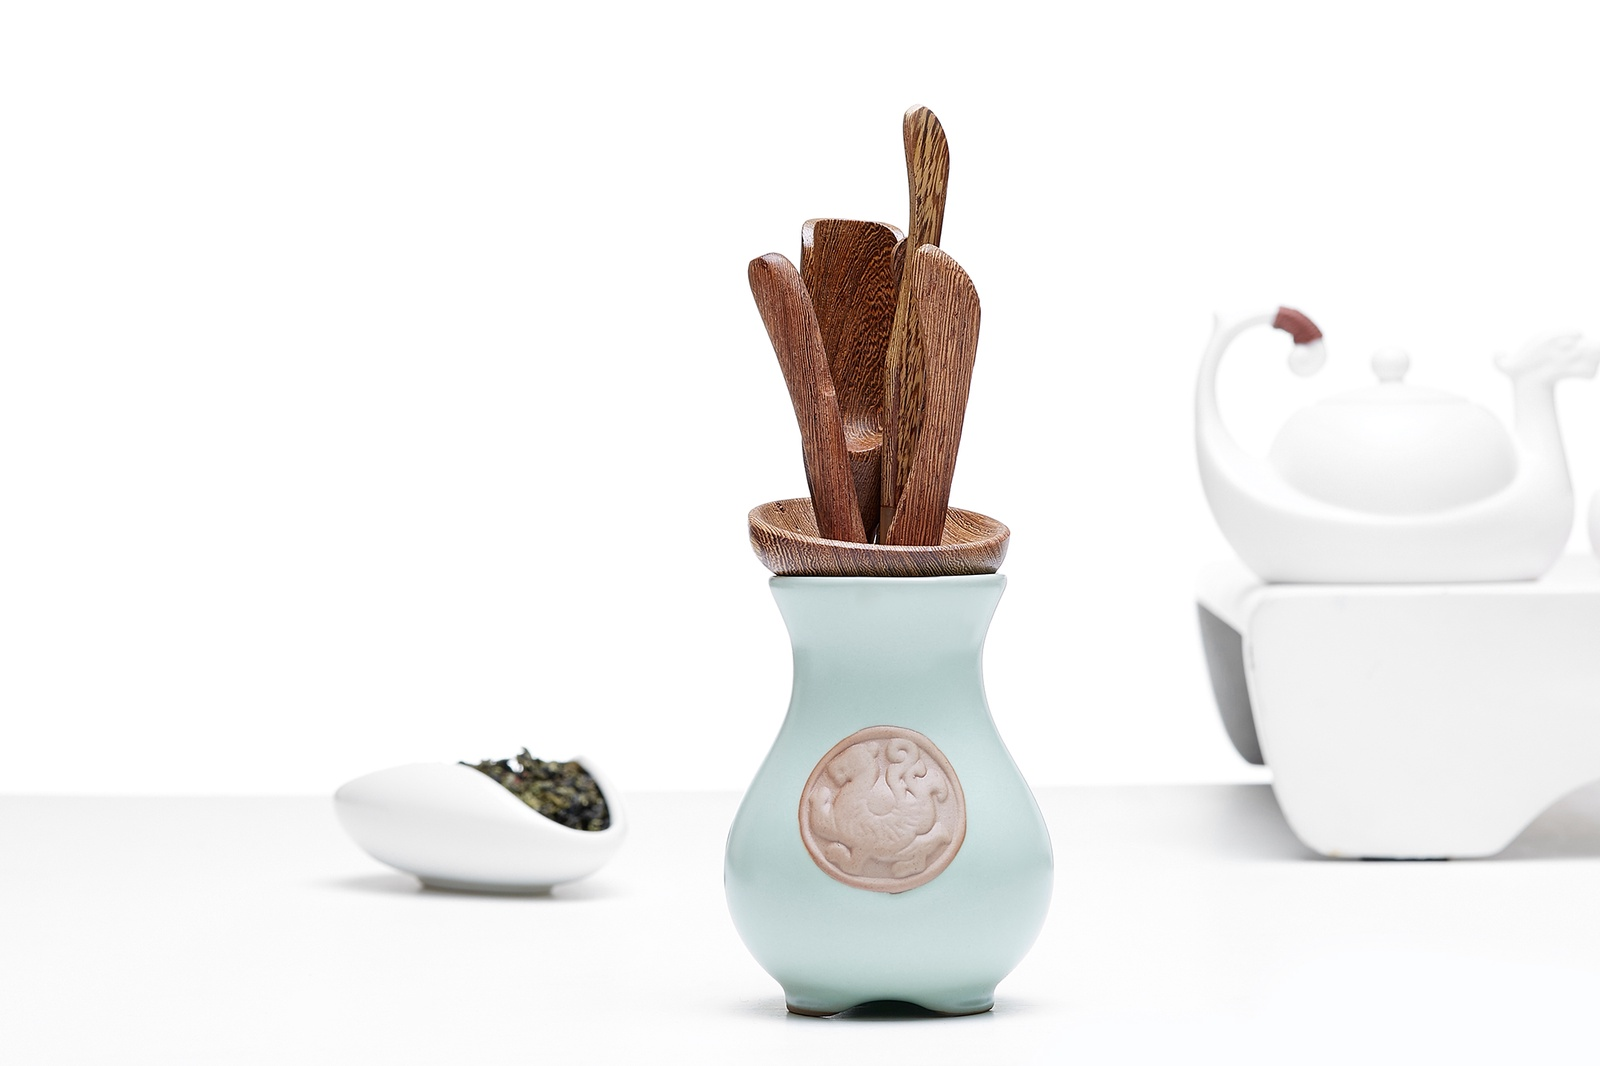 Набор чайных инструментов: ложка, игла, щипцы, воронка, лопатка, подставка